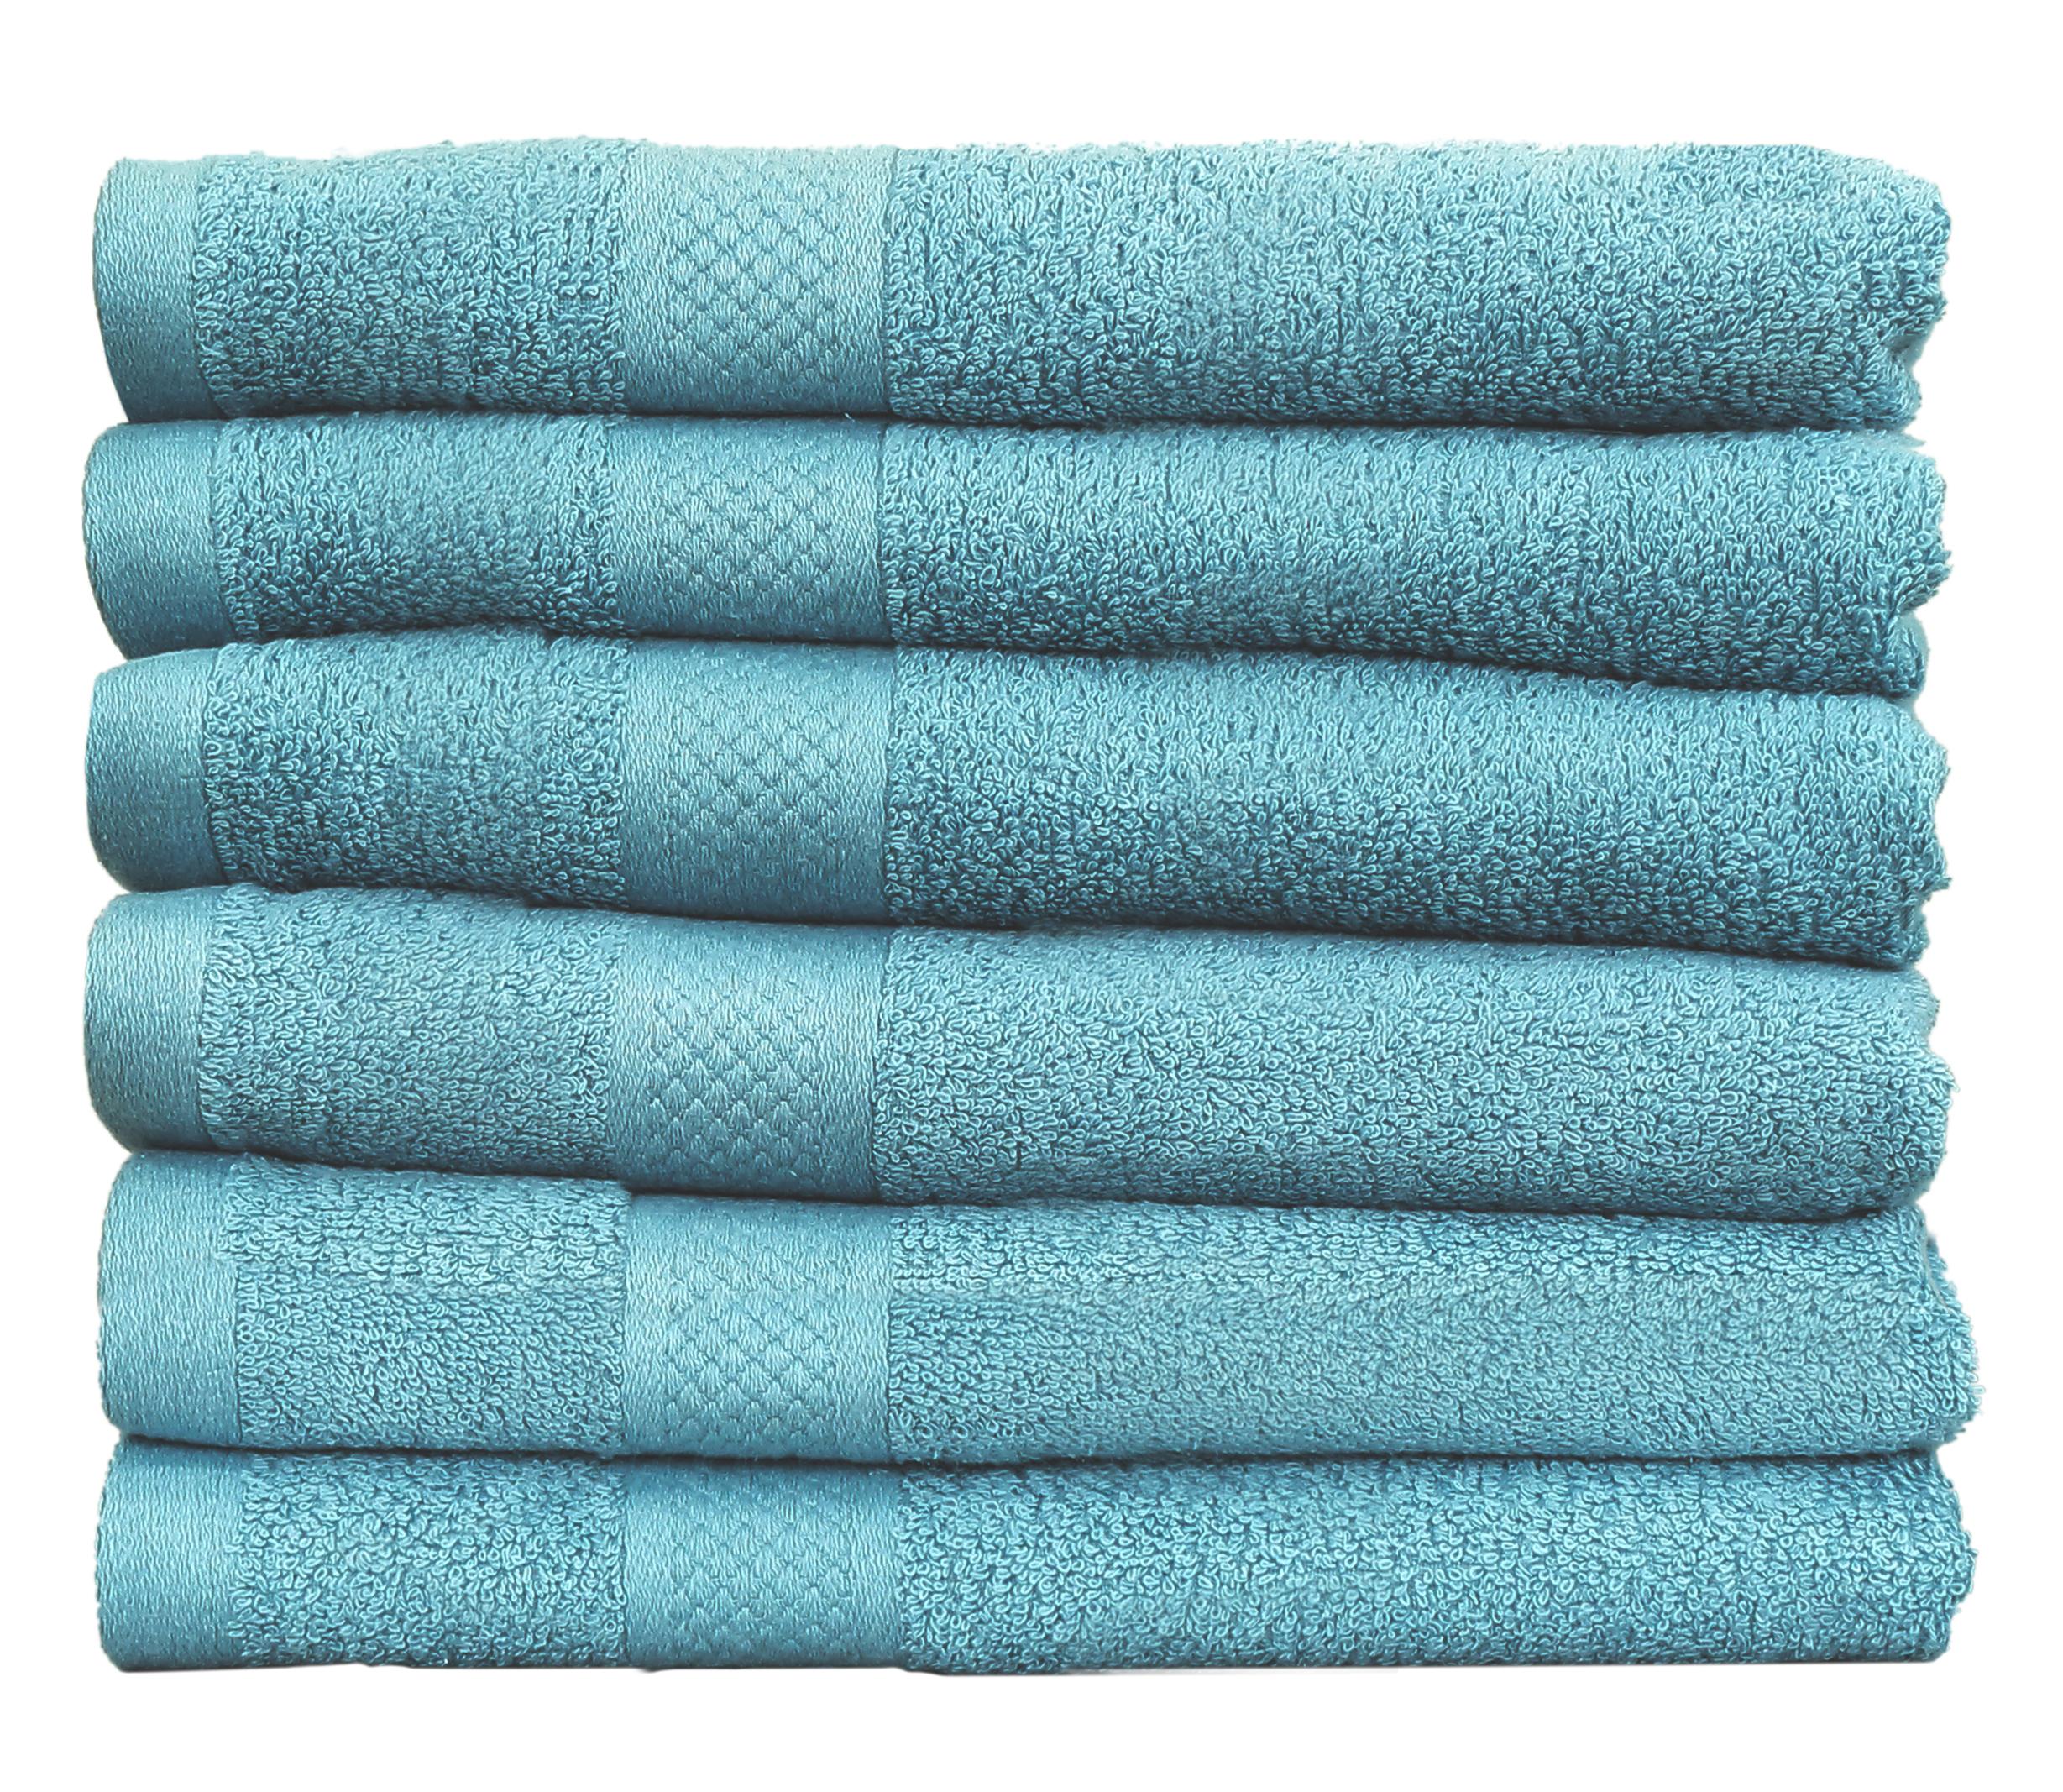 Seashell Handdoek 50 x 100 cm 500 gram Cool Blue - 6 stuks